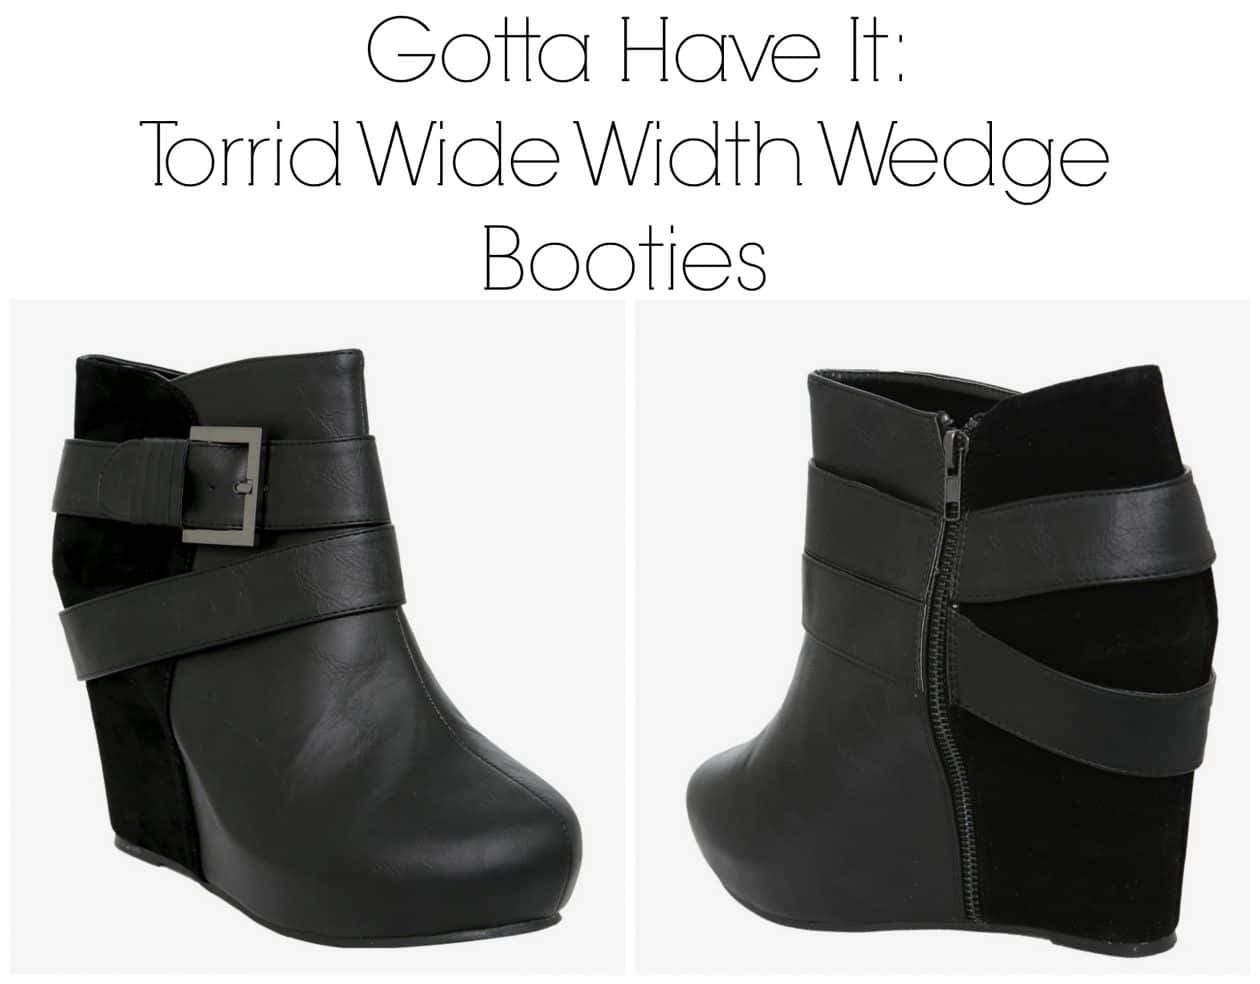 Torrid Wide Width Wedge Booties